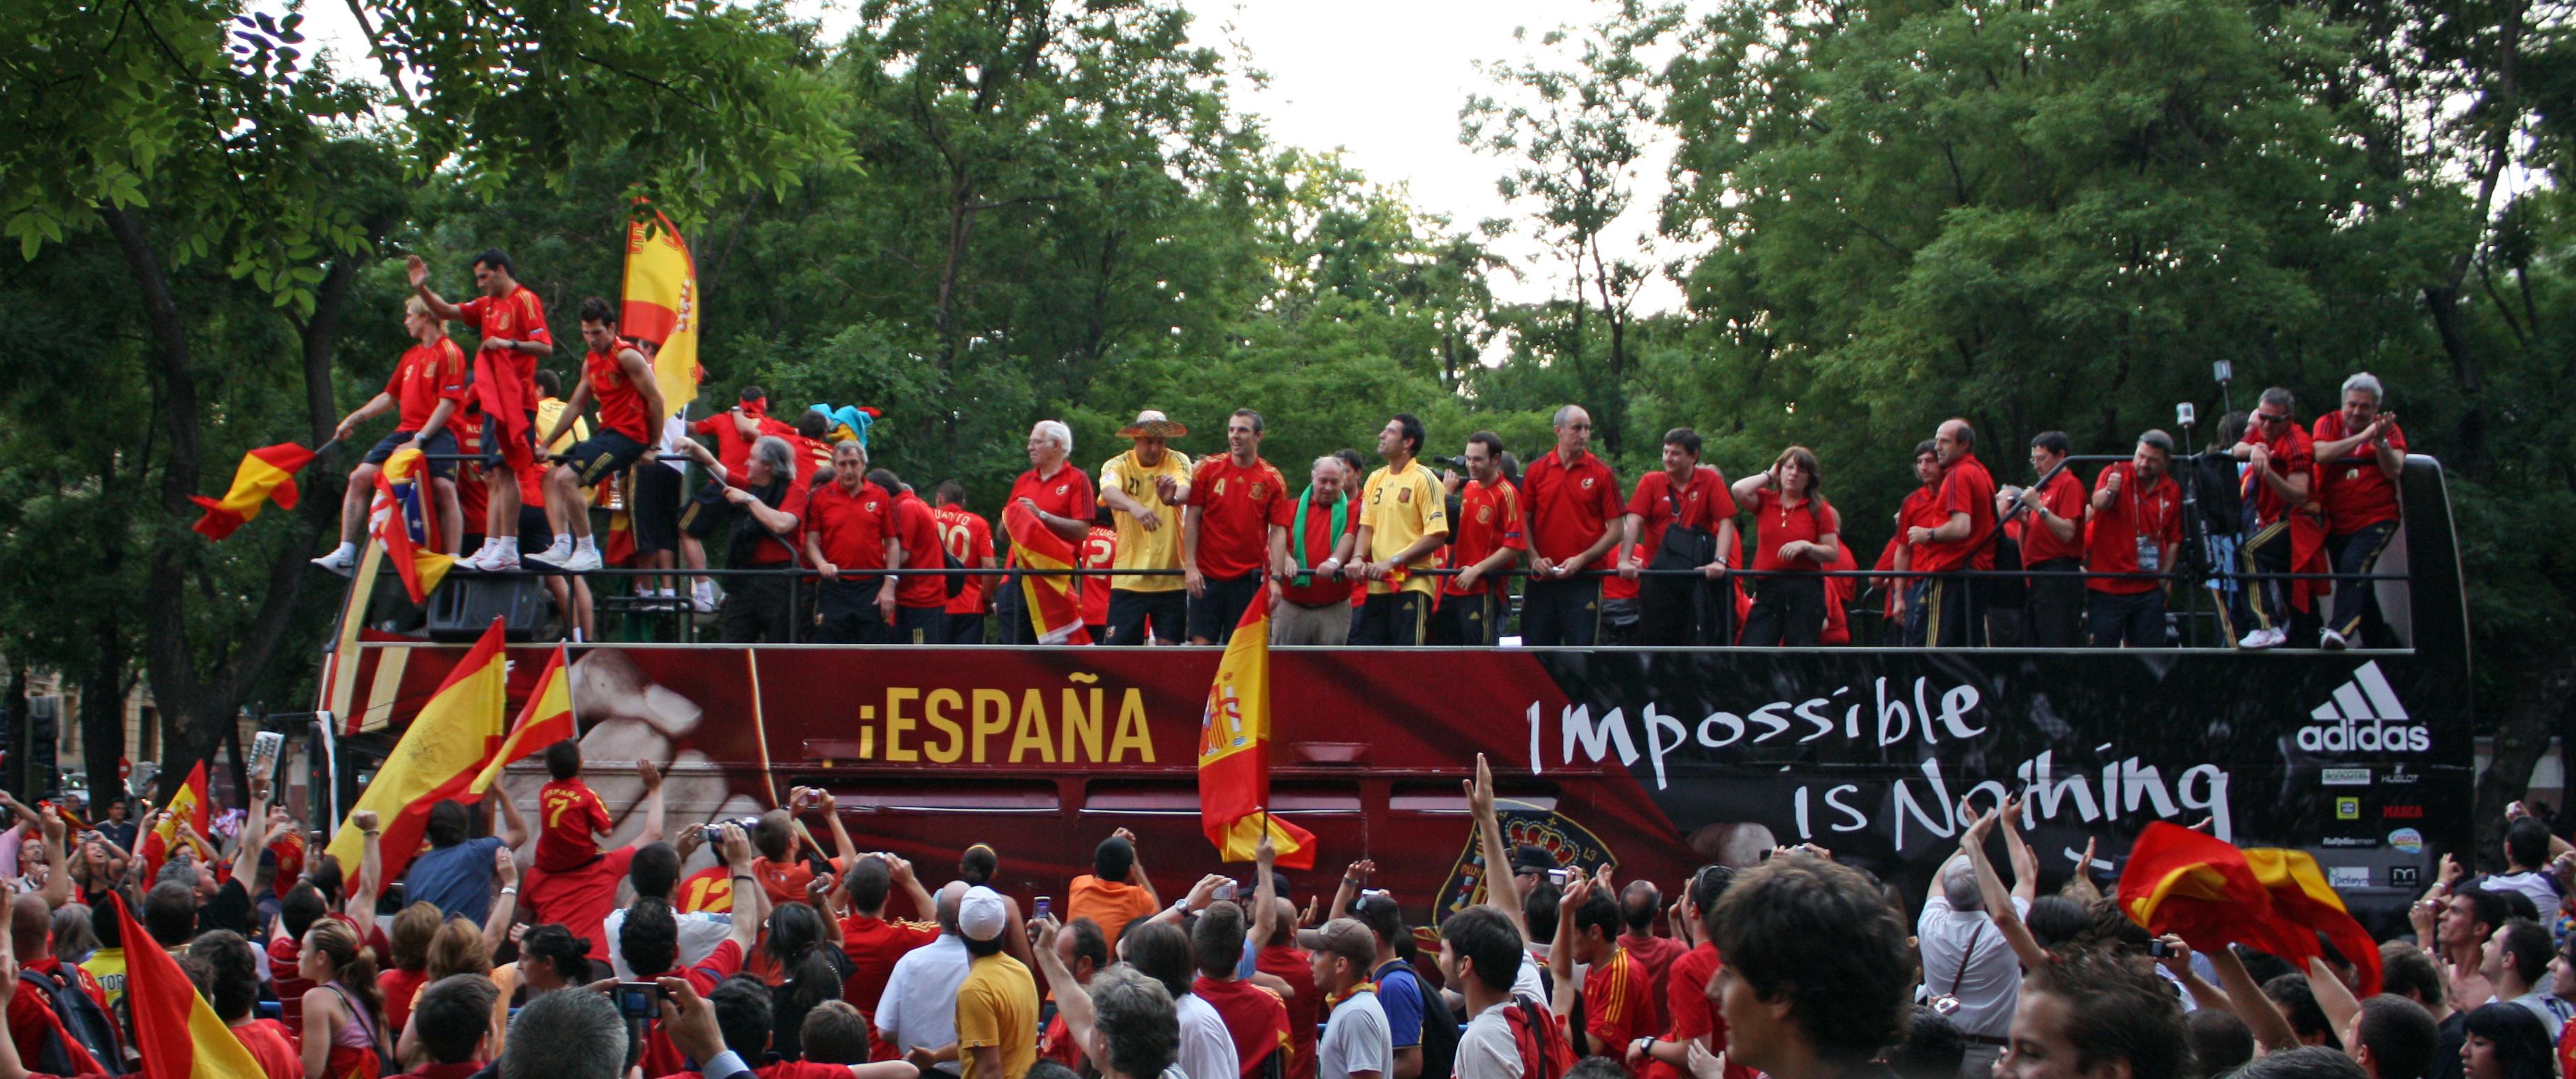 Spanien spas ga mot samre tider